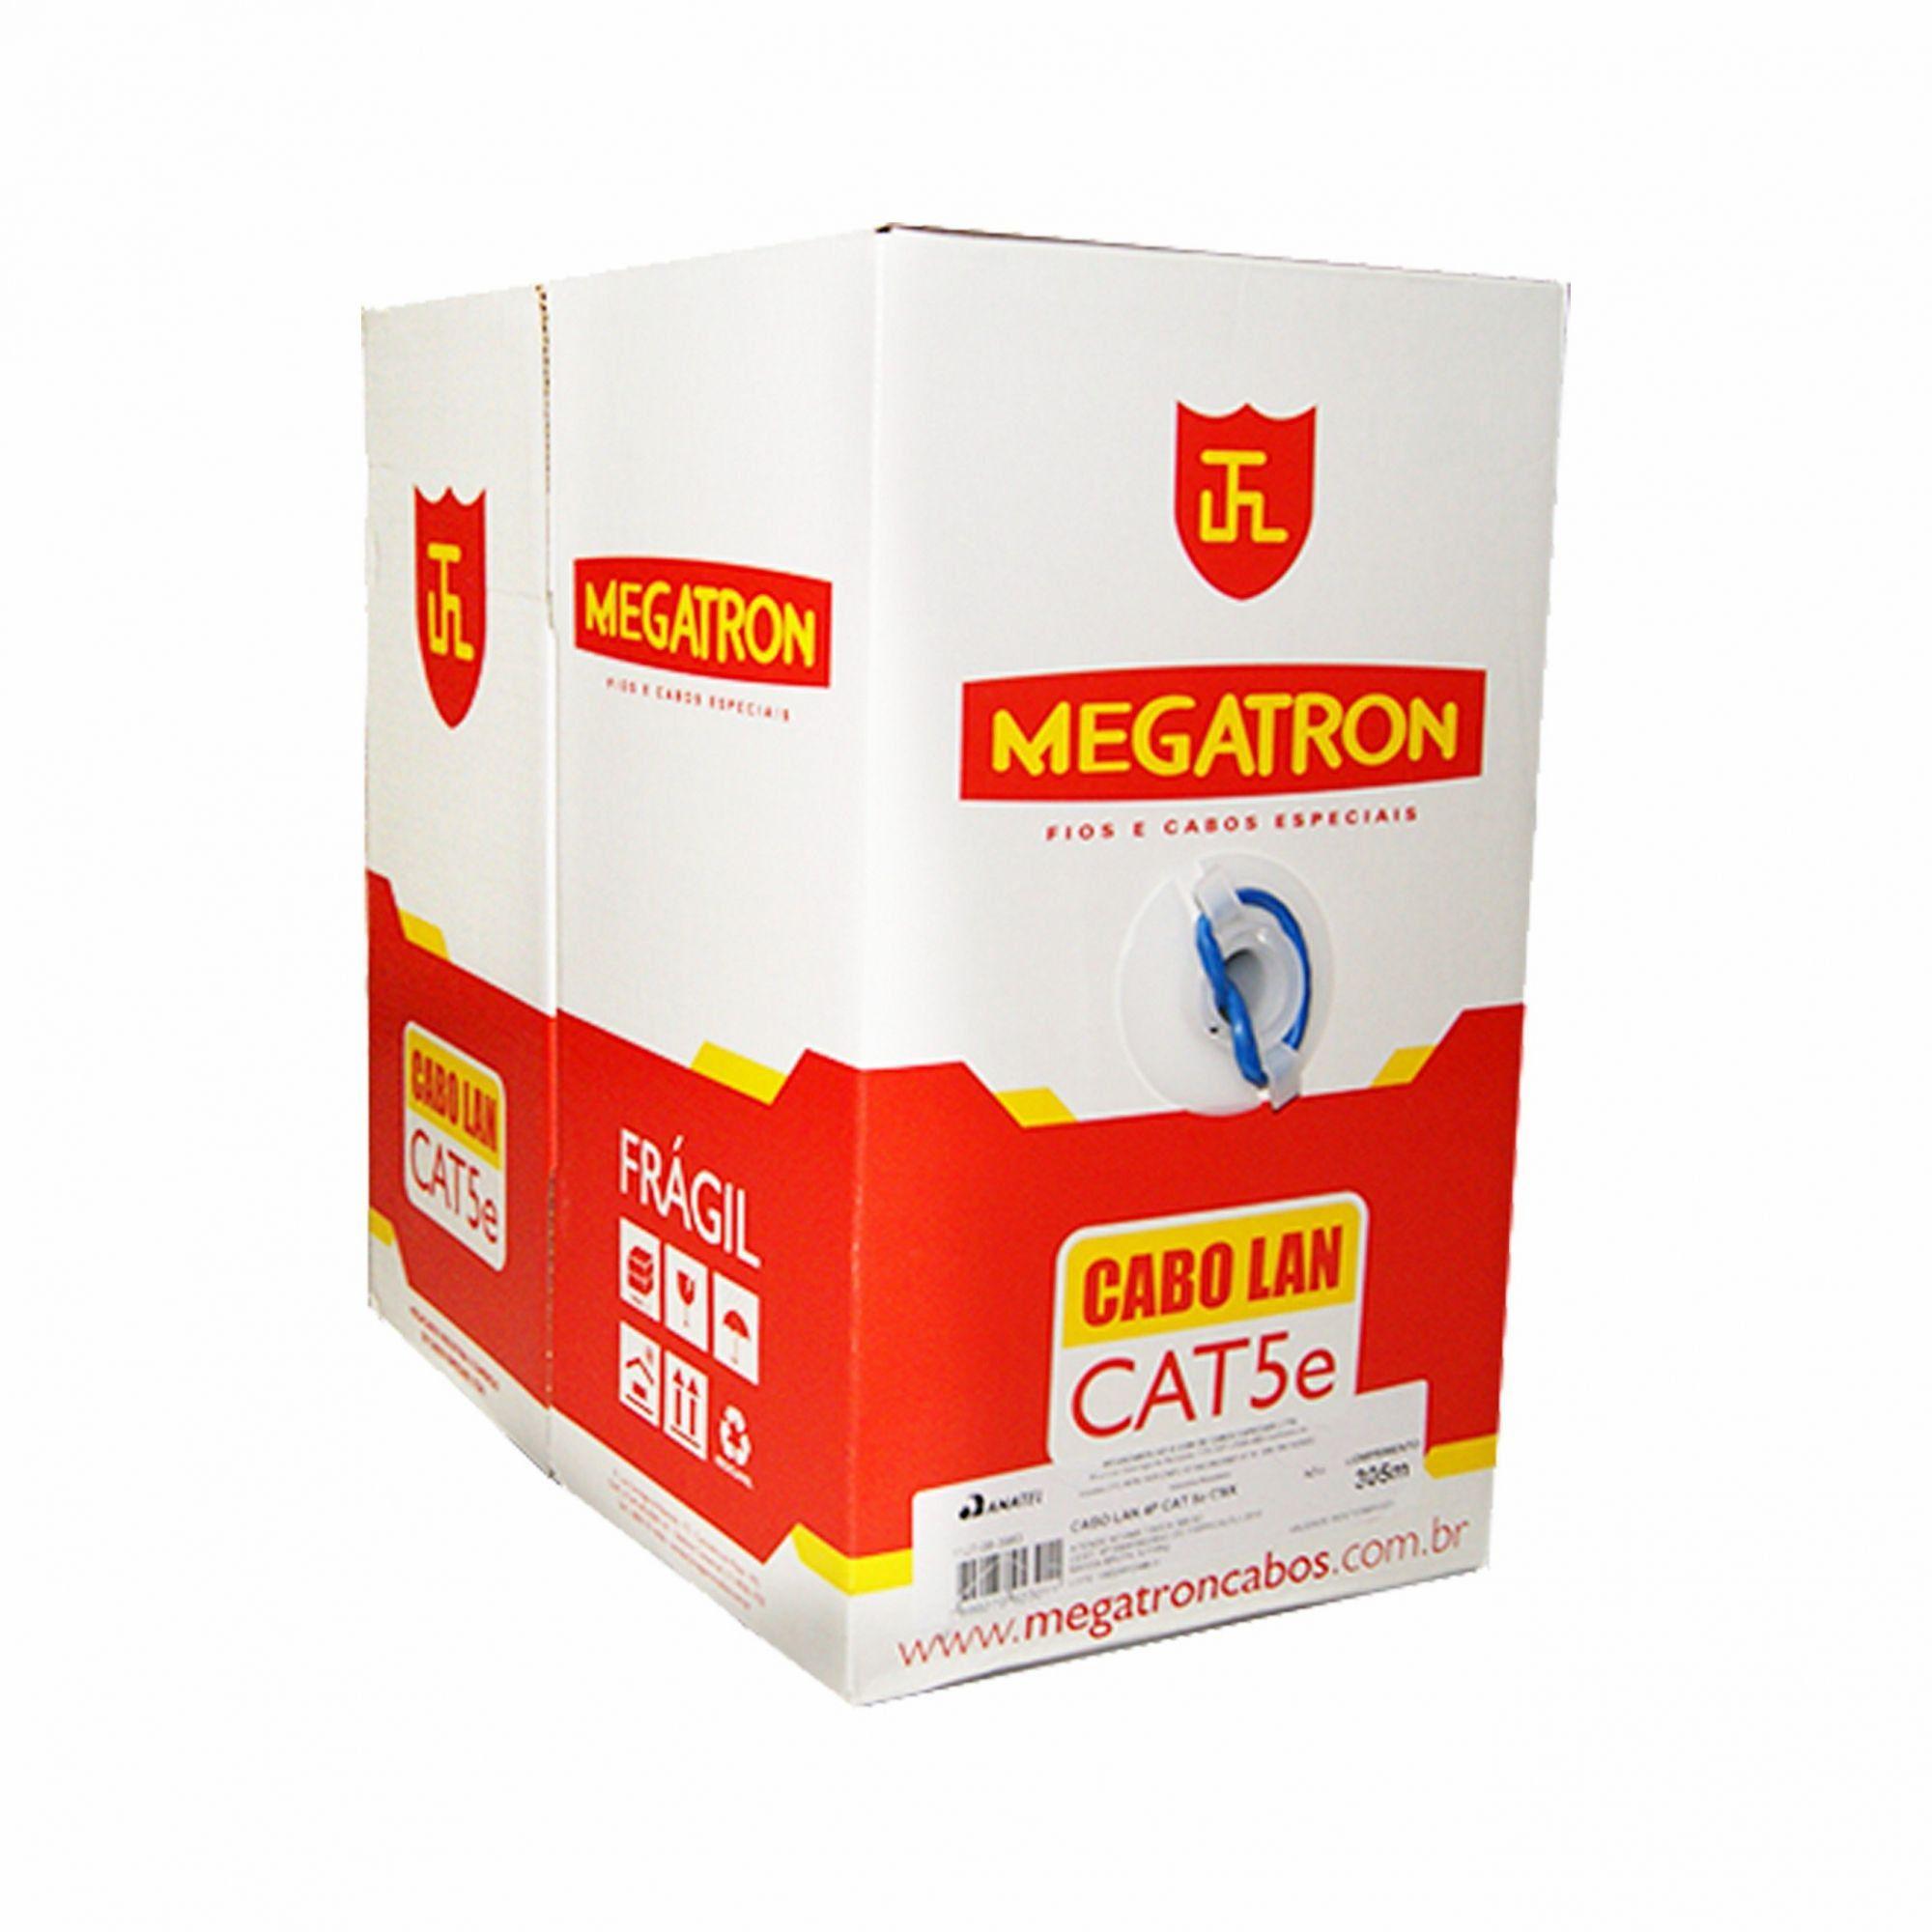 CABO LAN CAT5E 100% COBRE 305M CMX MEGATRON  - Express Informática